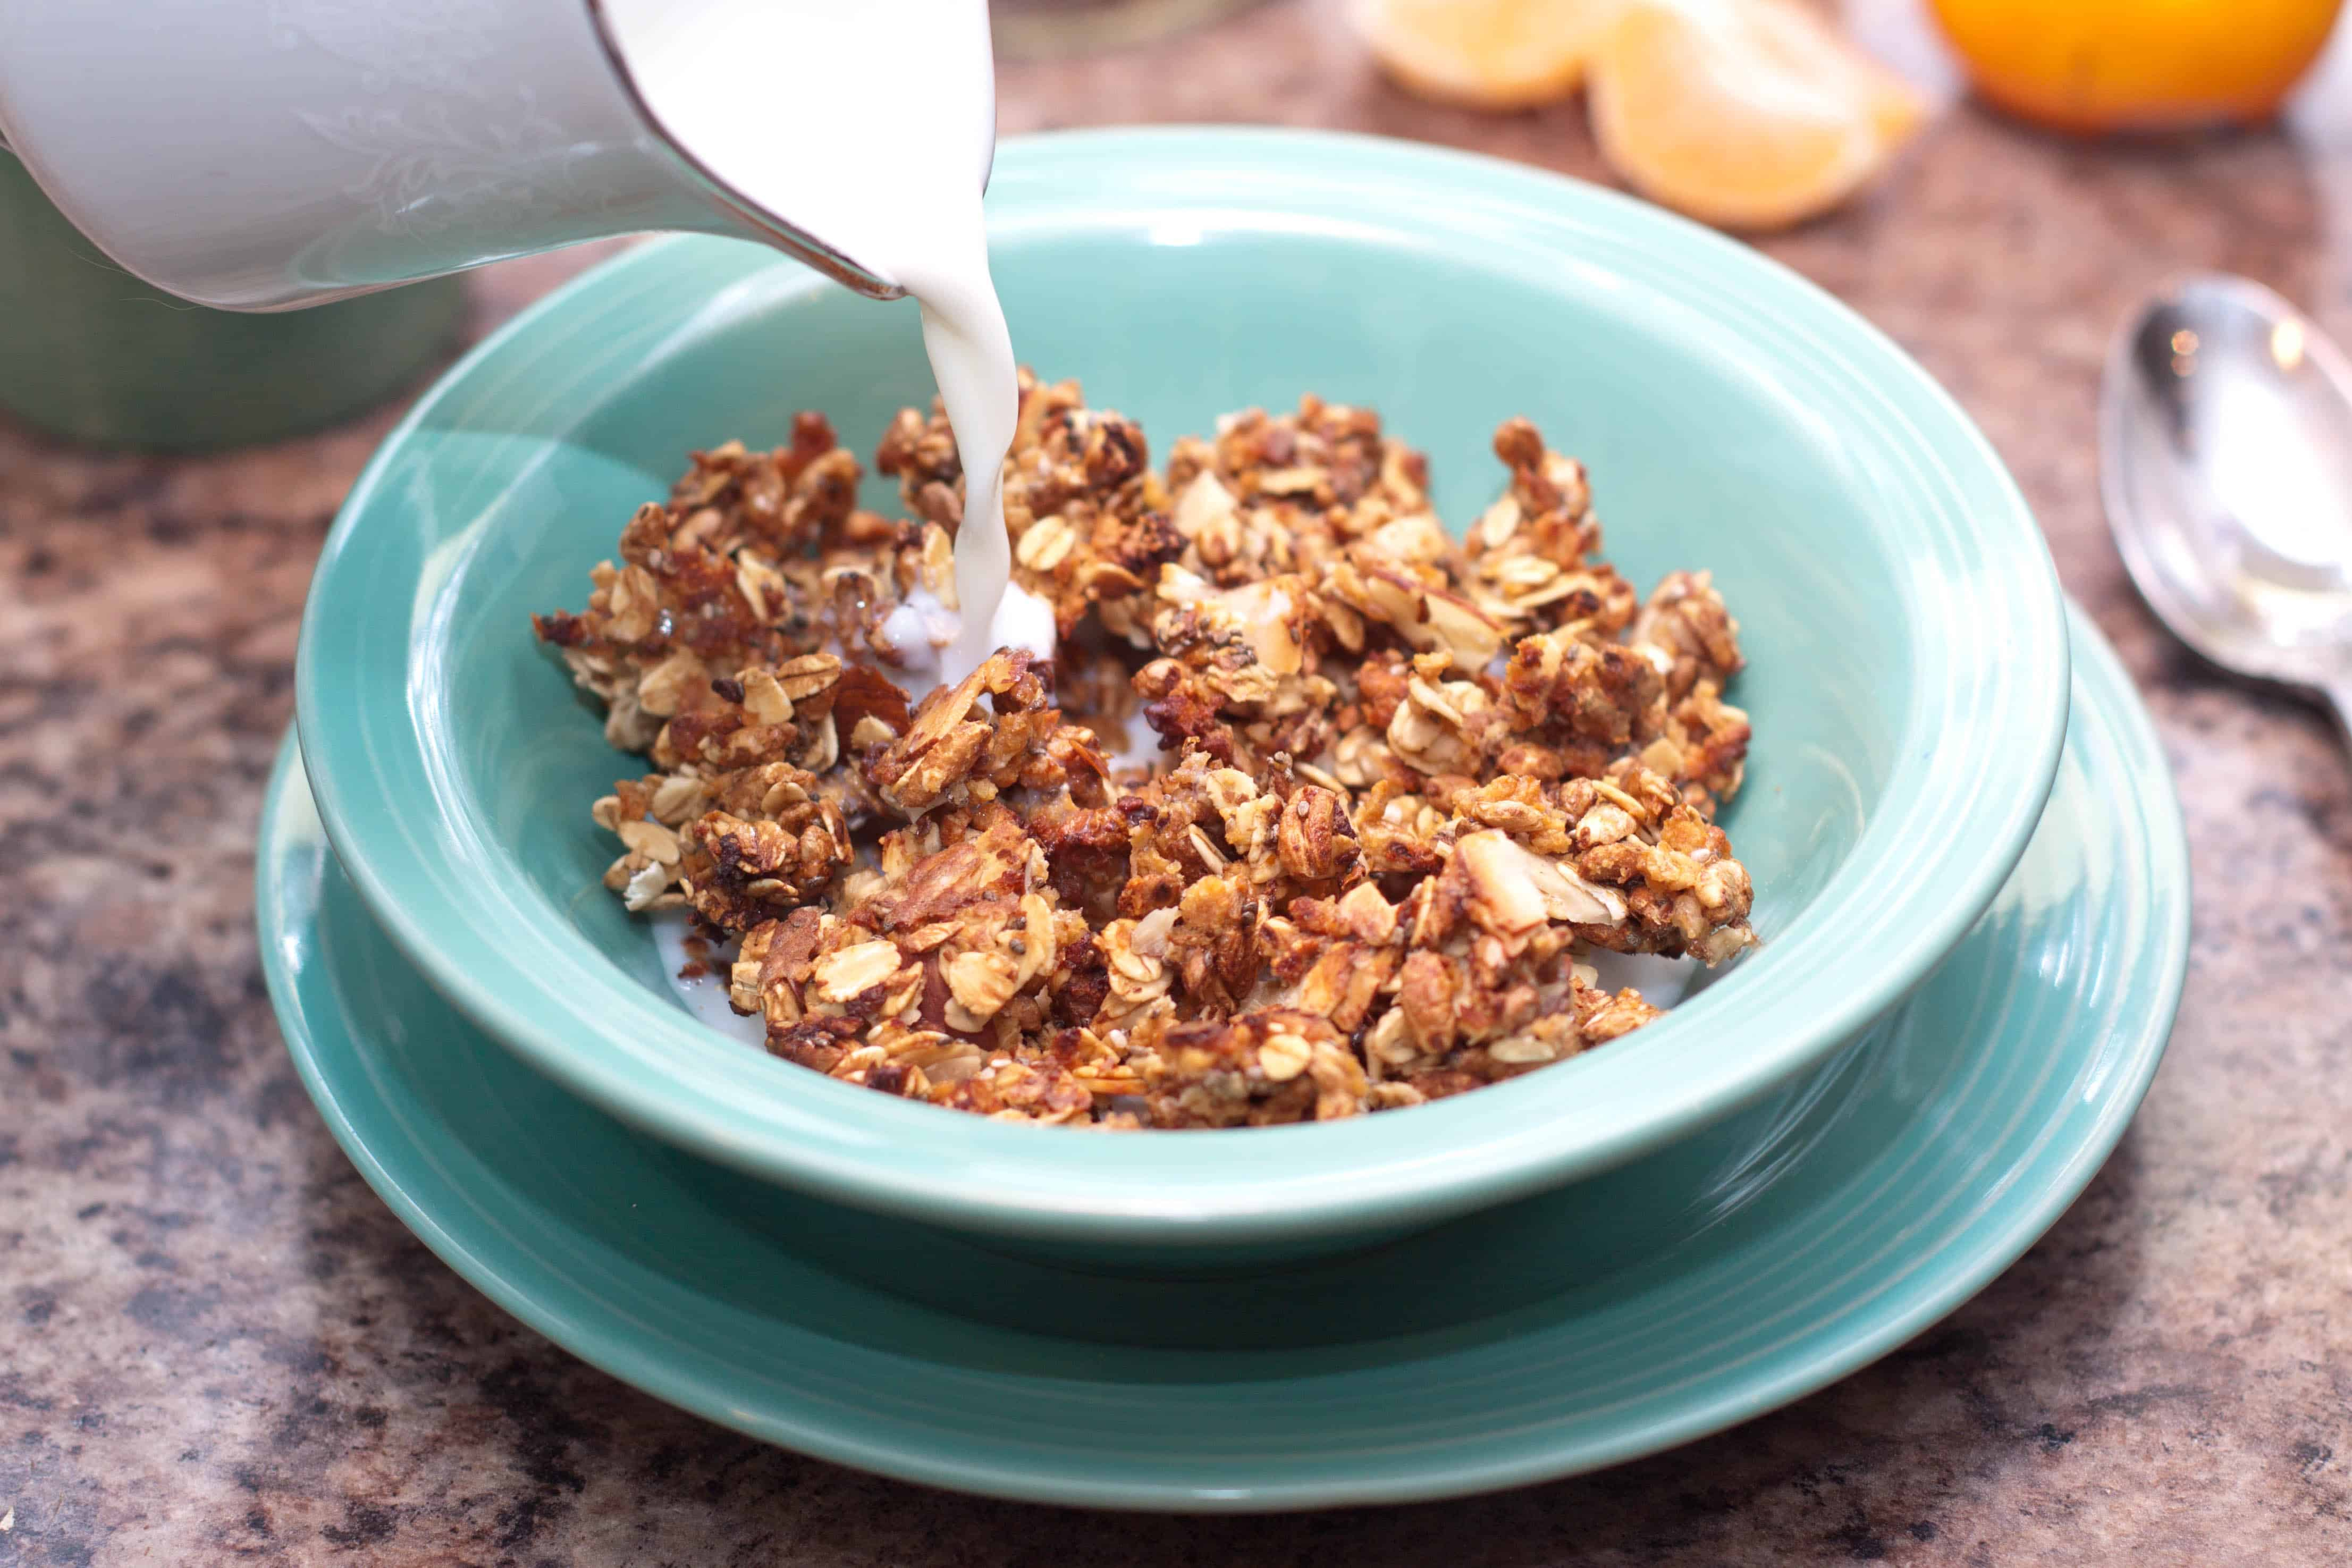 Copy Cat Kashi Go Lean Crunch Cereal!